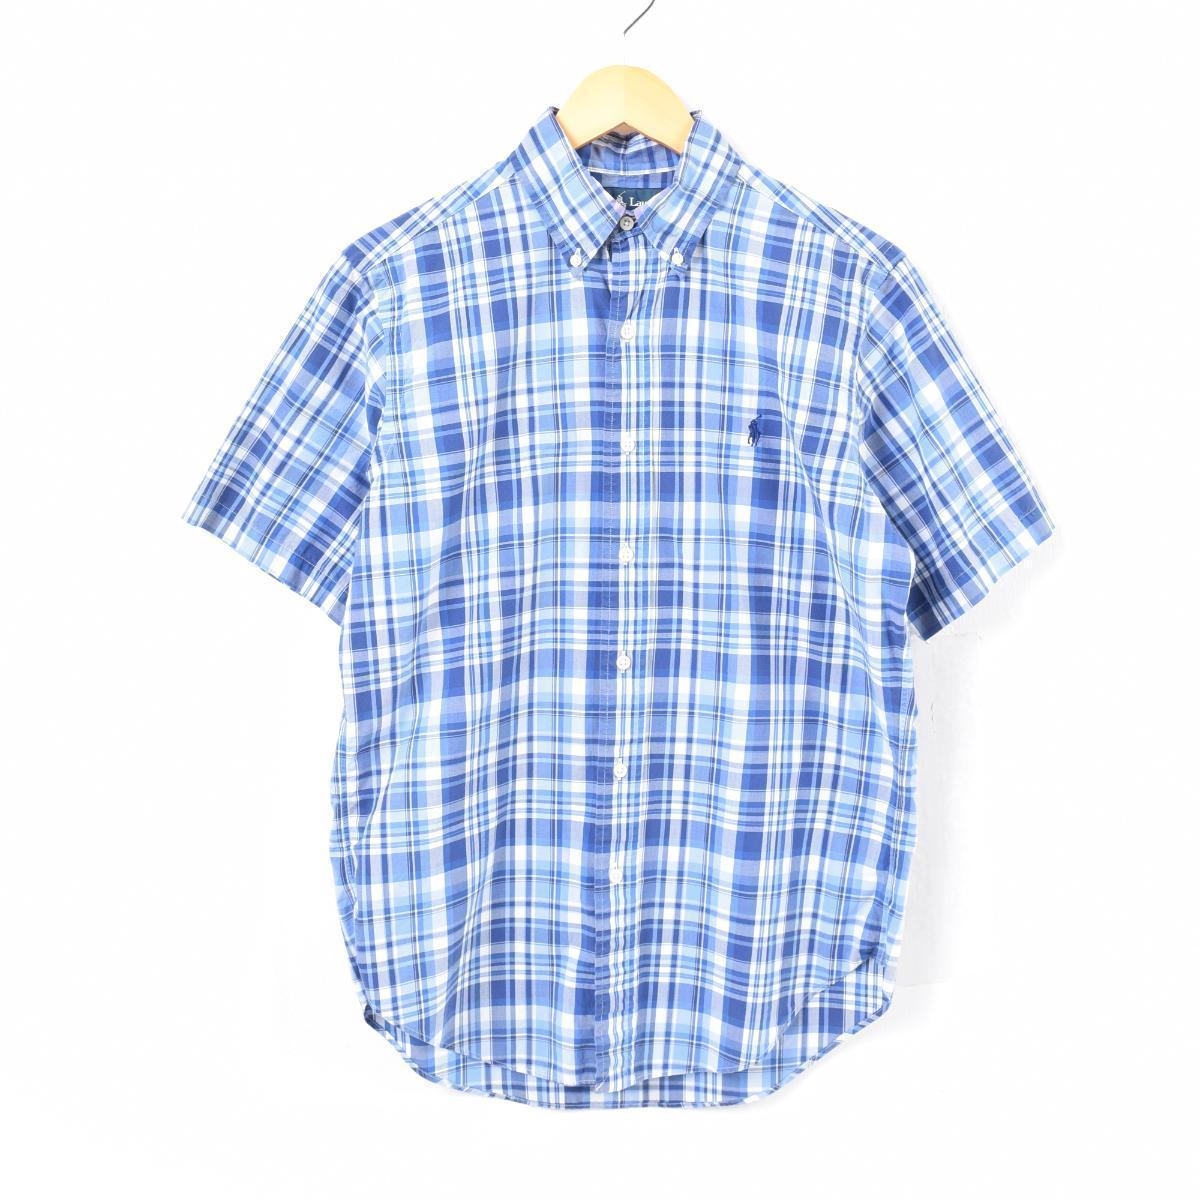 ポロ シャツ チェック マドラス ボーイズ Polo Ralph Lauren 【並行輸入品】 半袖 Cotton Madras Shirt BOYS 21A425665T20 YA ラルフローレン